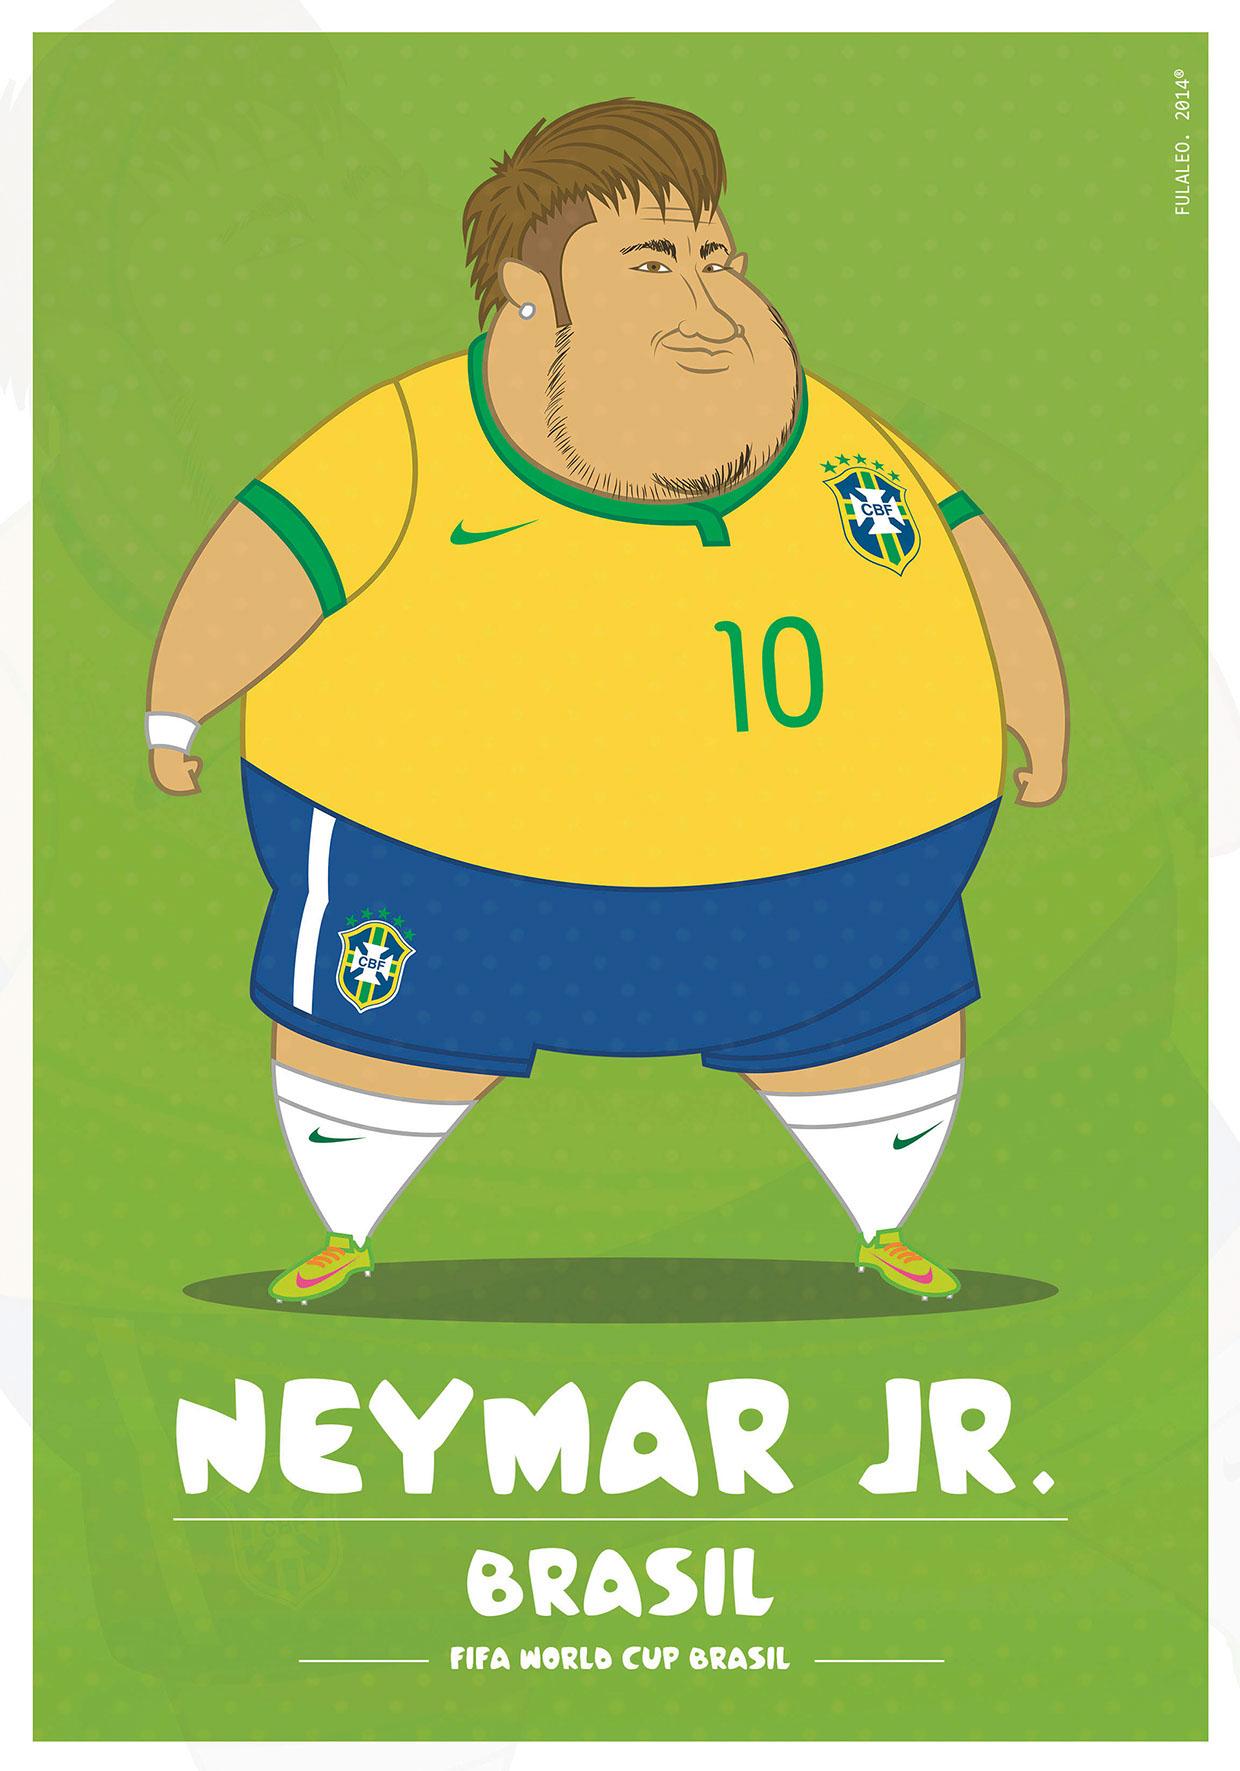 Толстые футболисты чемпионата мира в Бразилии 8